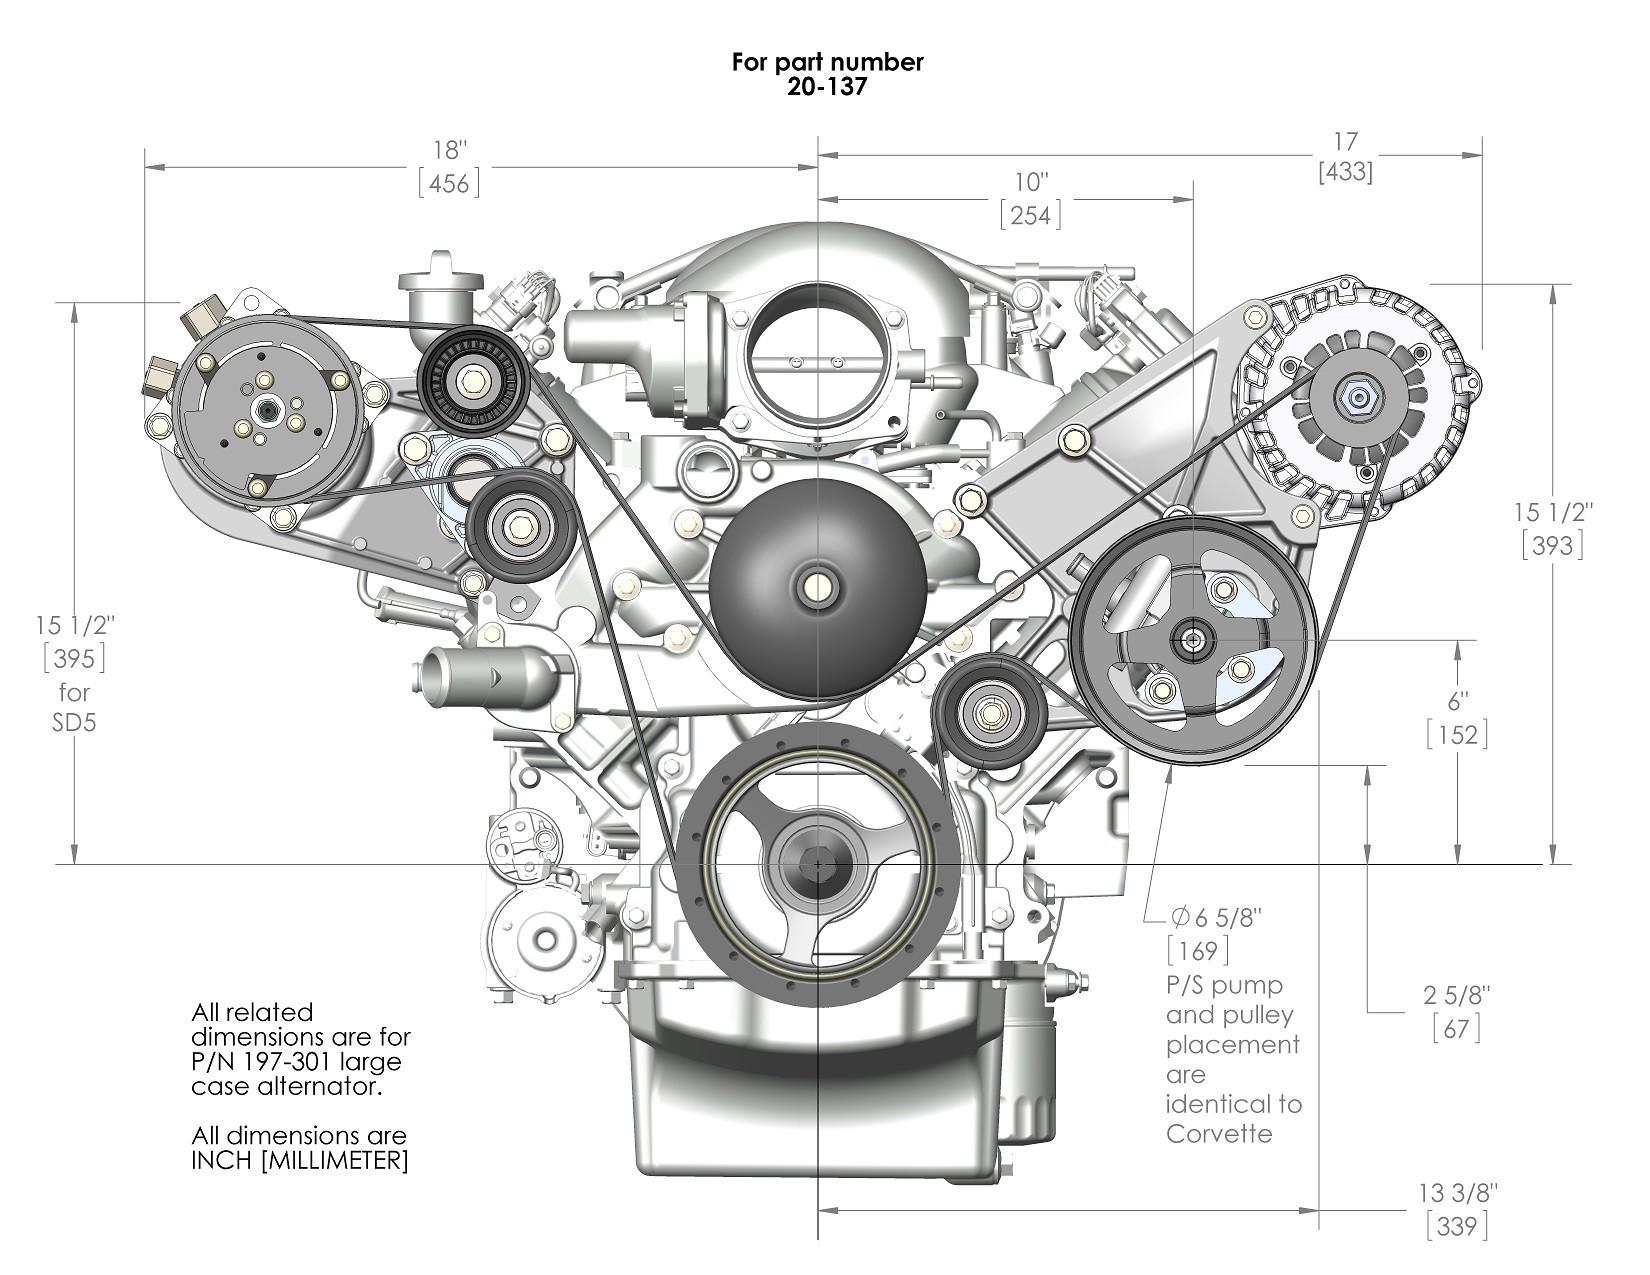 Diagram Of Car Muffler Basic Car Engine Diagram 20 137 Dimensions1 ...